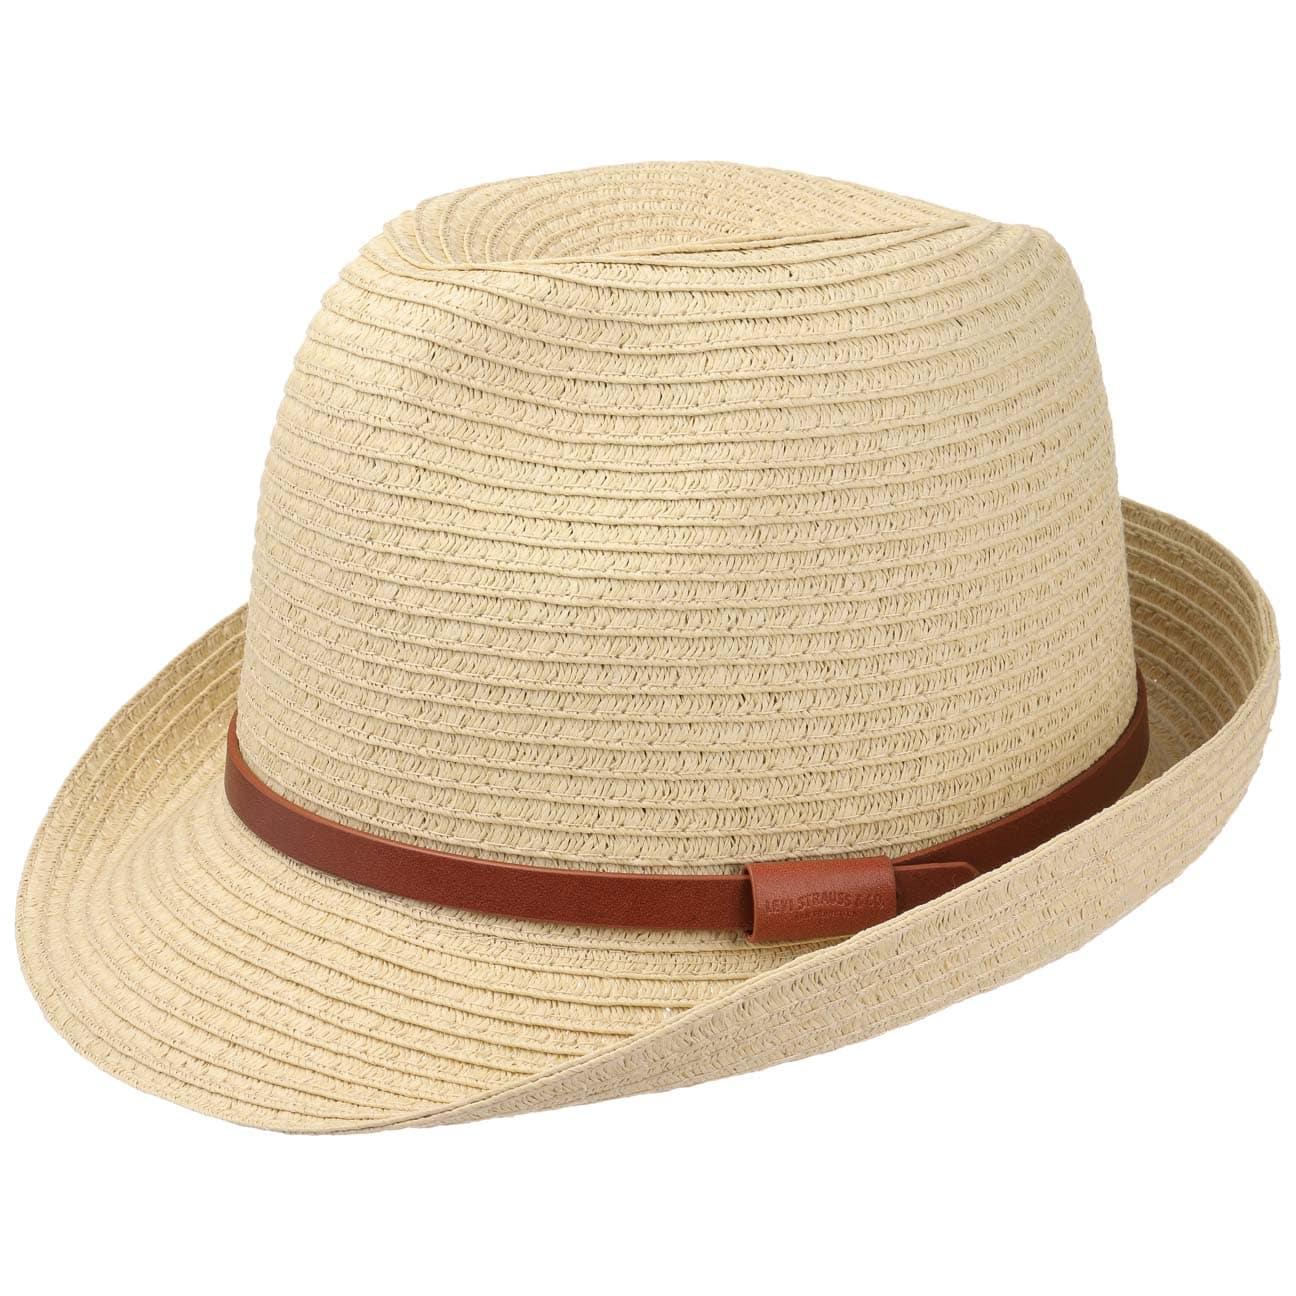 Sombrero de Paja Mondello Trilby by Levis  sombrero de playa